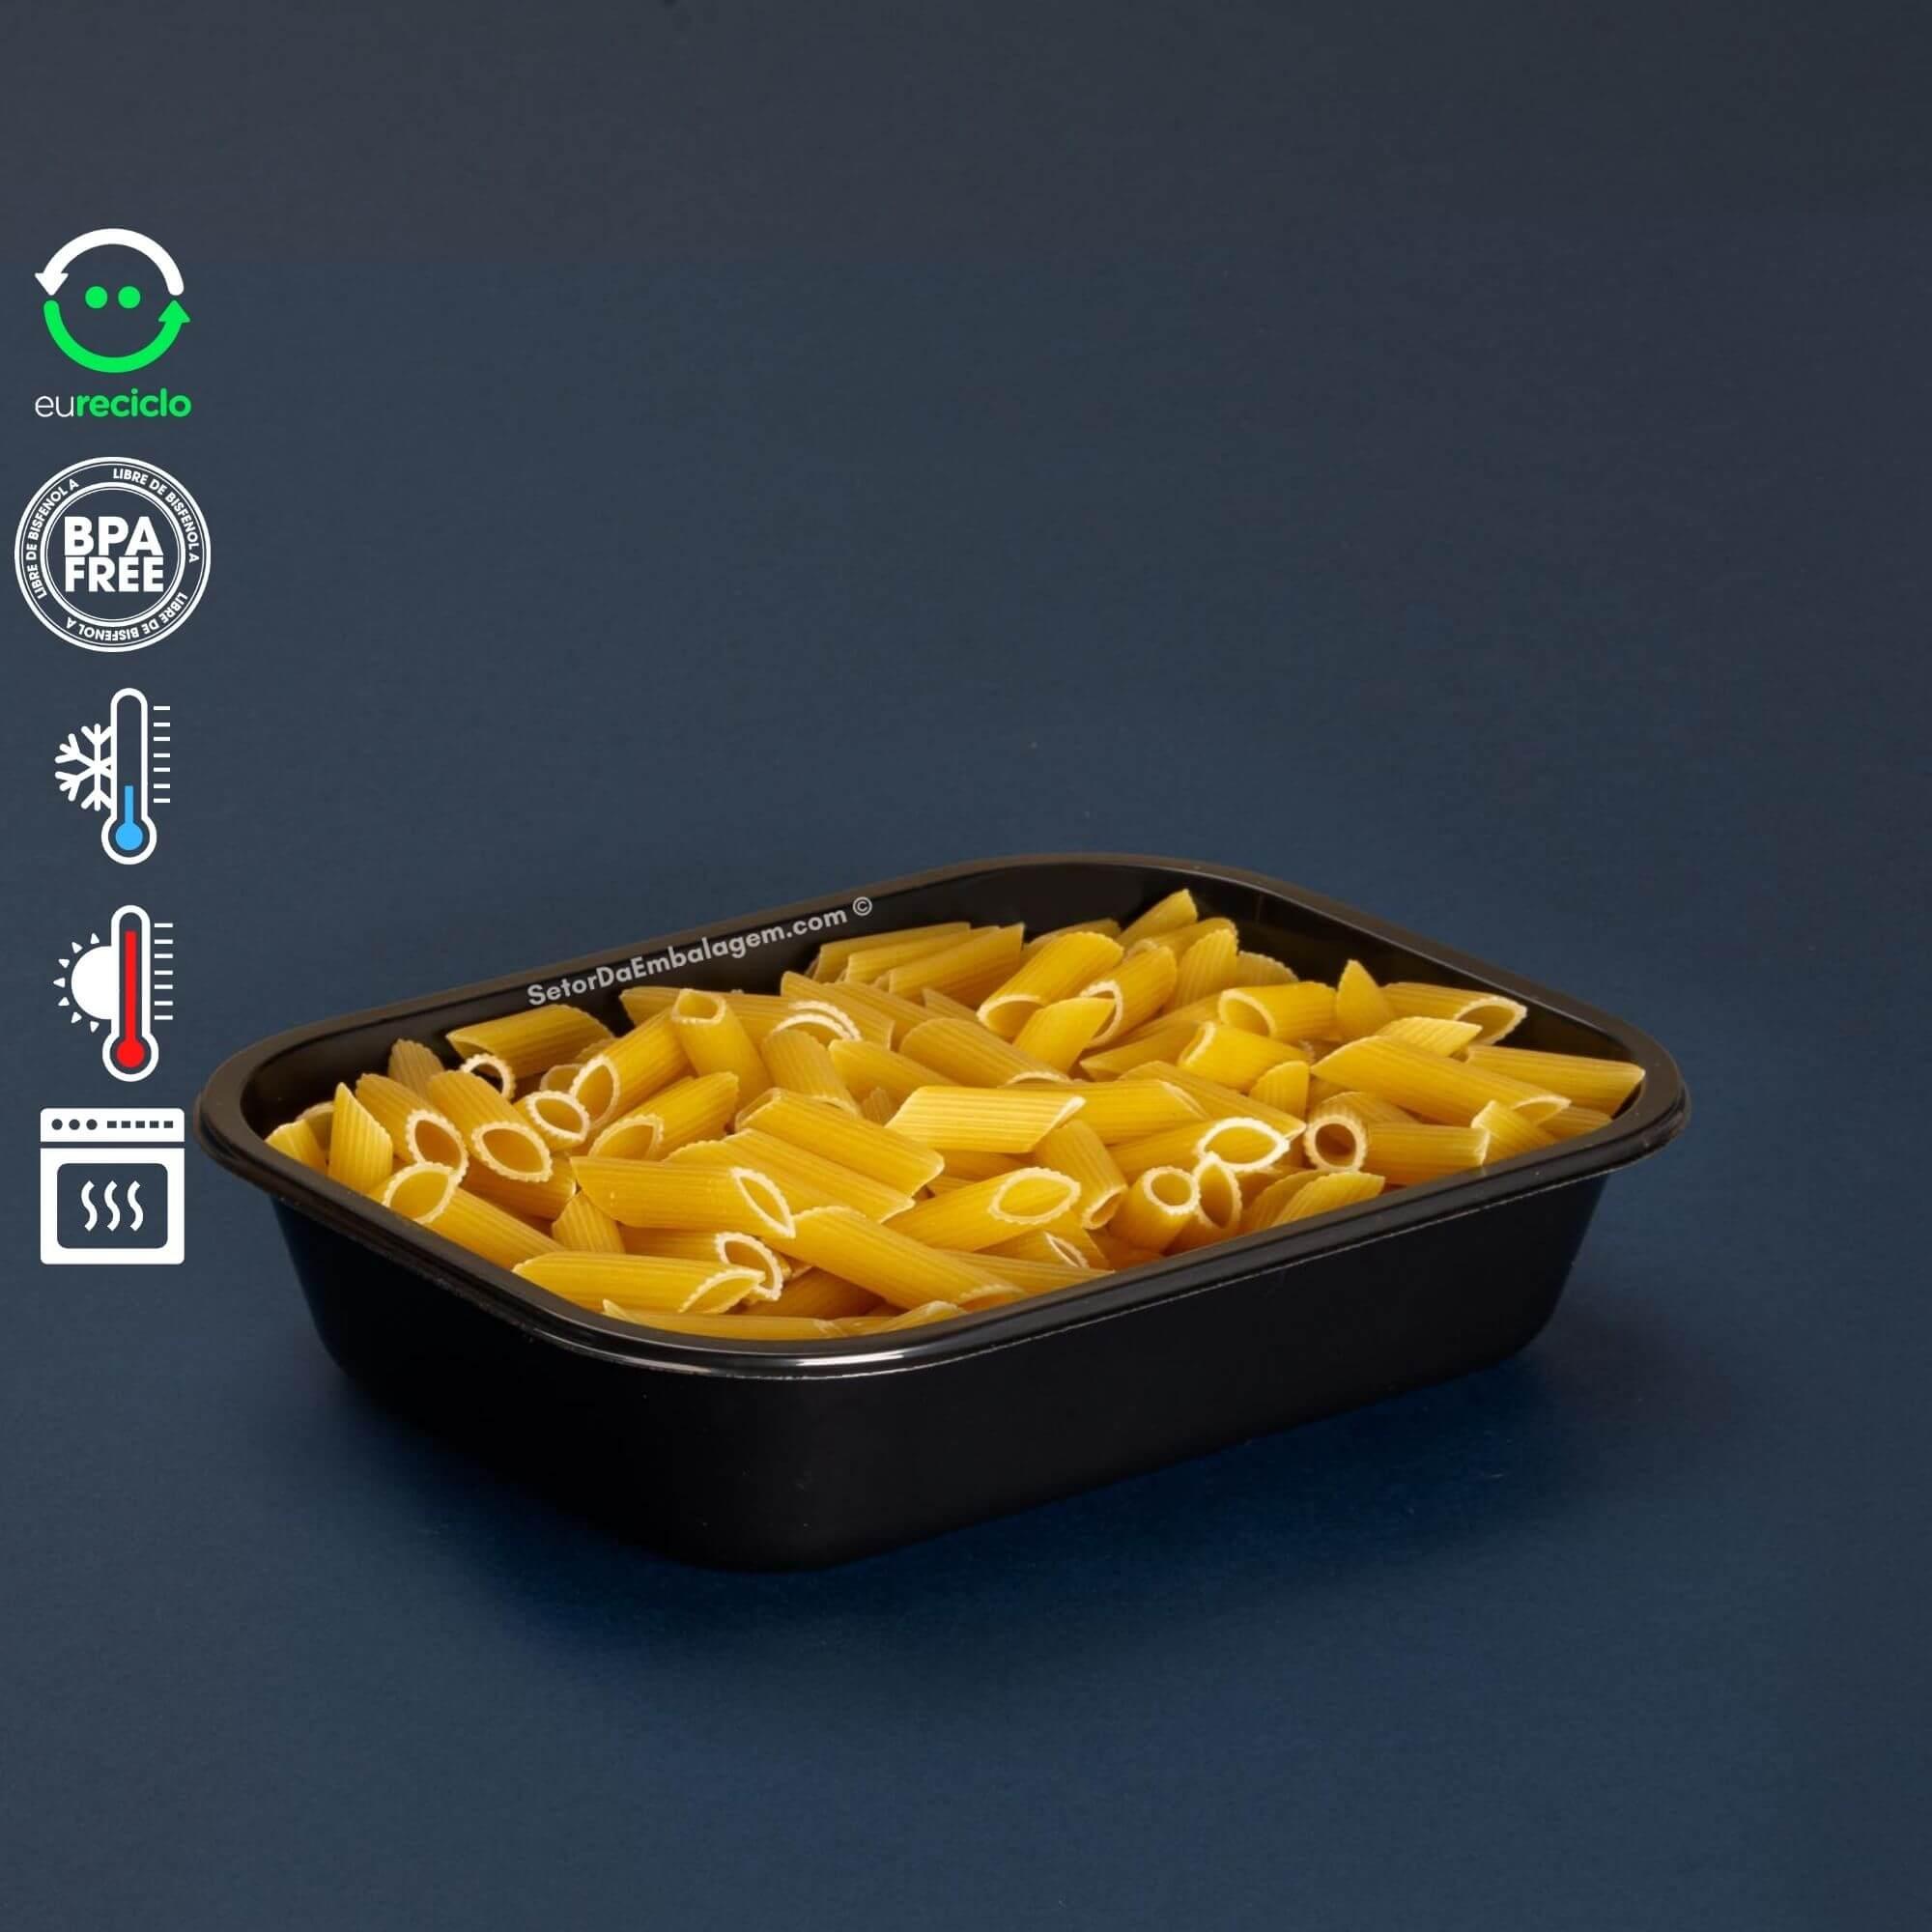 Embalagem Forneável 800mL forno a gás, microondas e freezer - Galvanotek G240